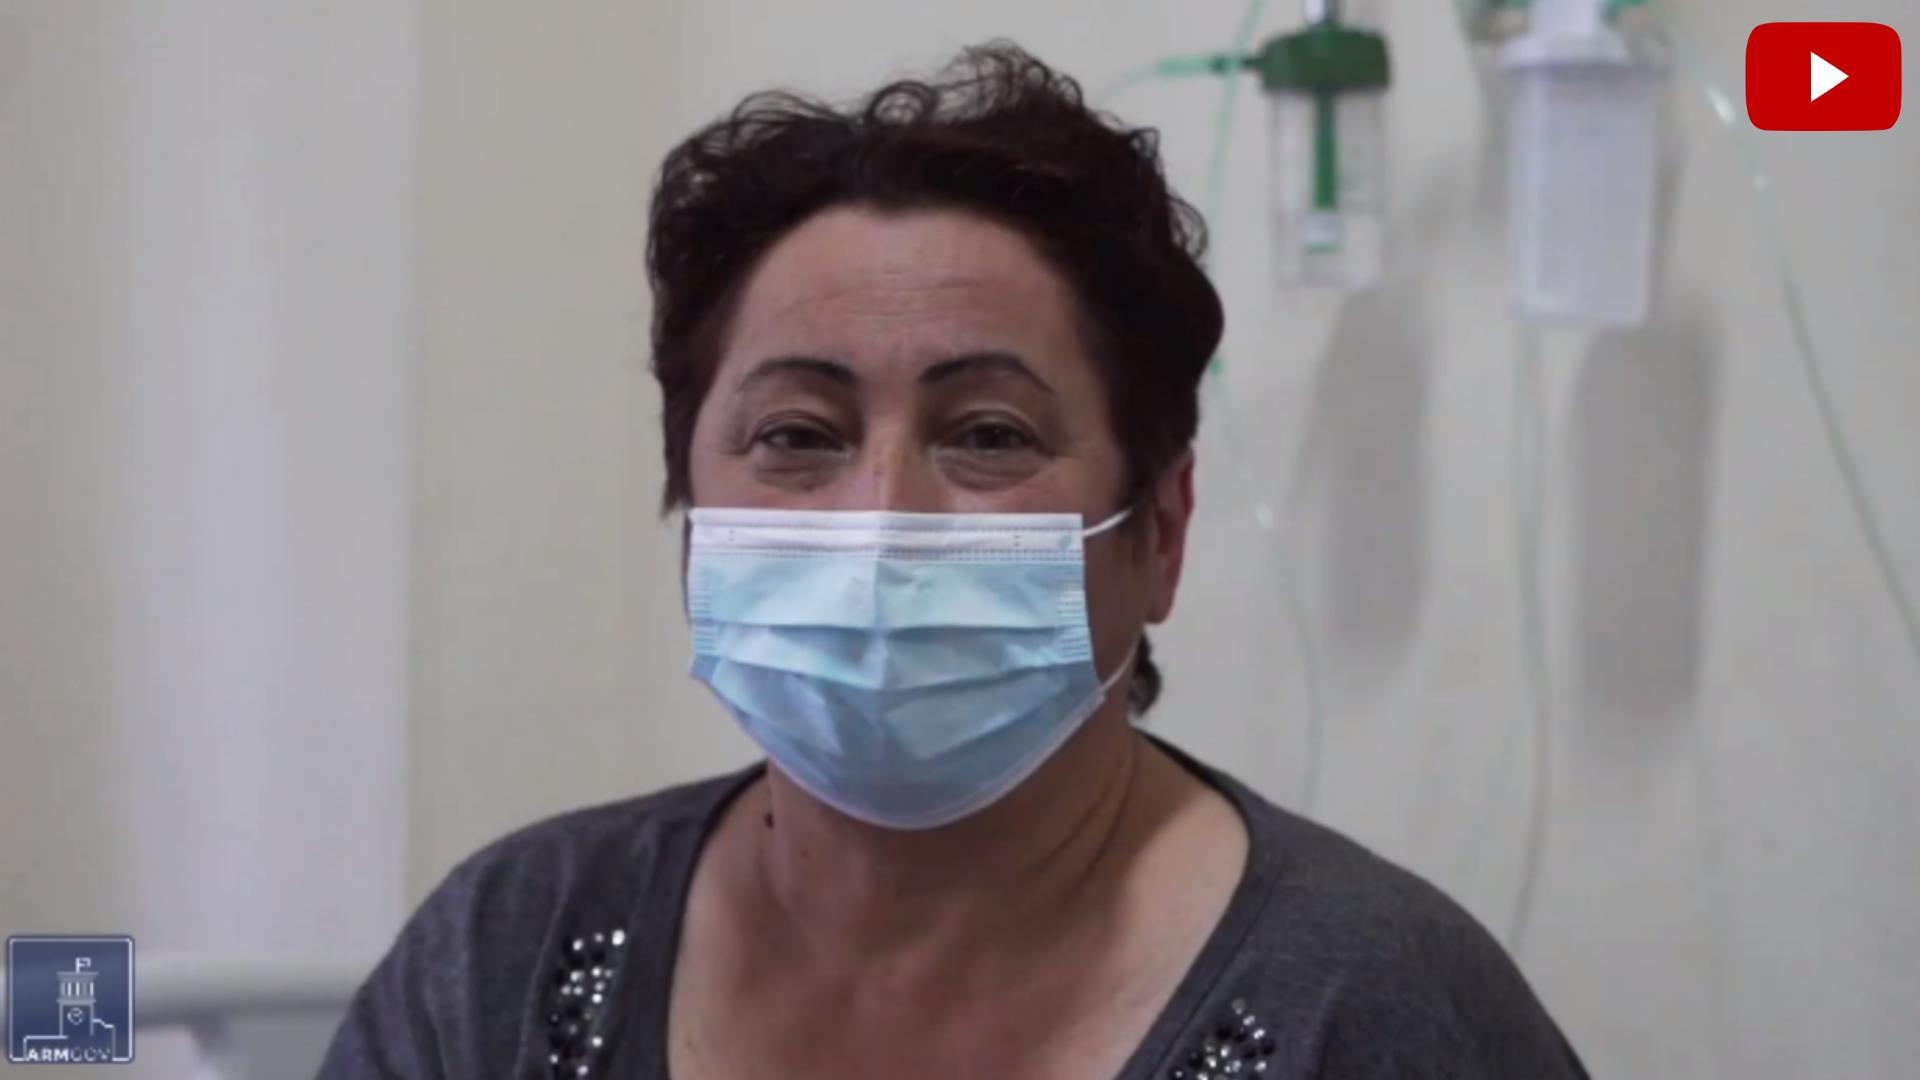 Այս վիրուսը շատ է տանջում, սթրեսի ենթարկում․ կորոնավիրուսից ապաքինվող կնոջ պատմությունը (տեսանյութ)